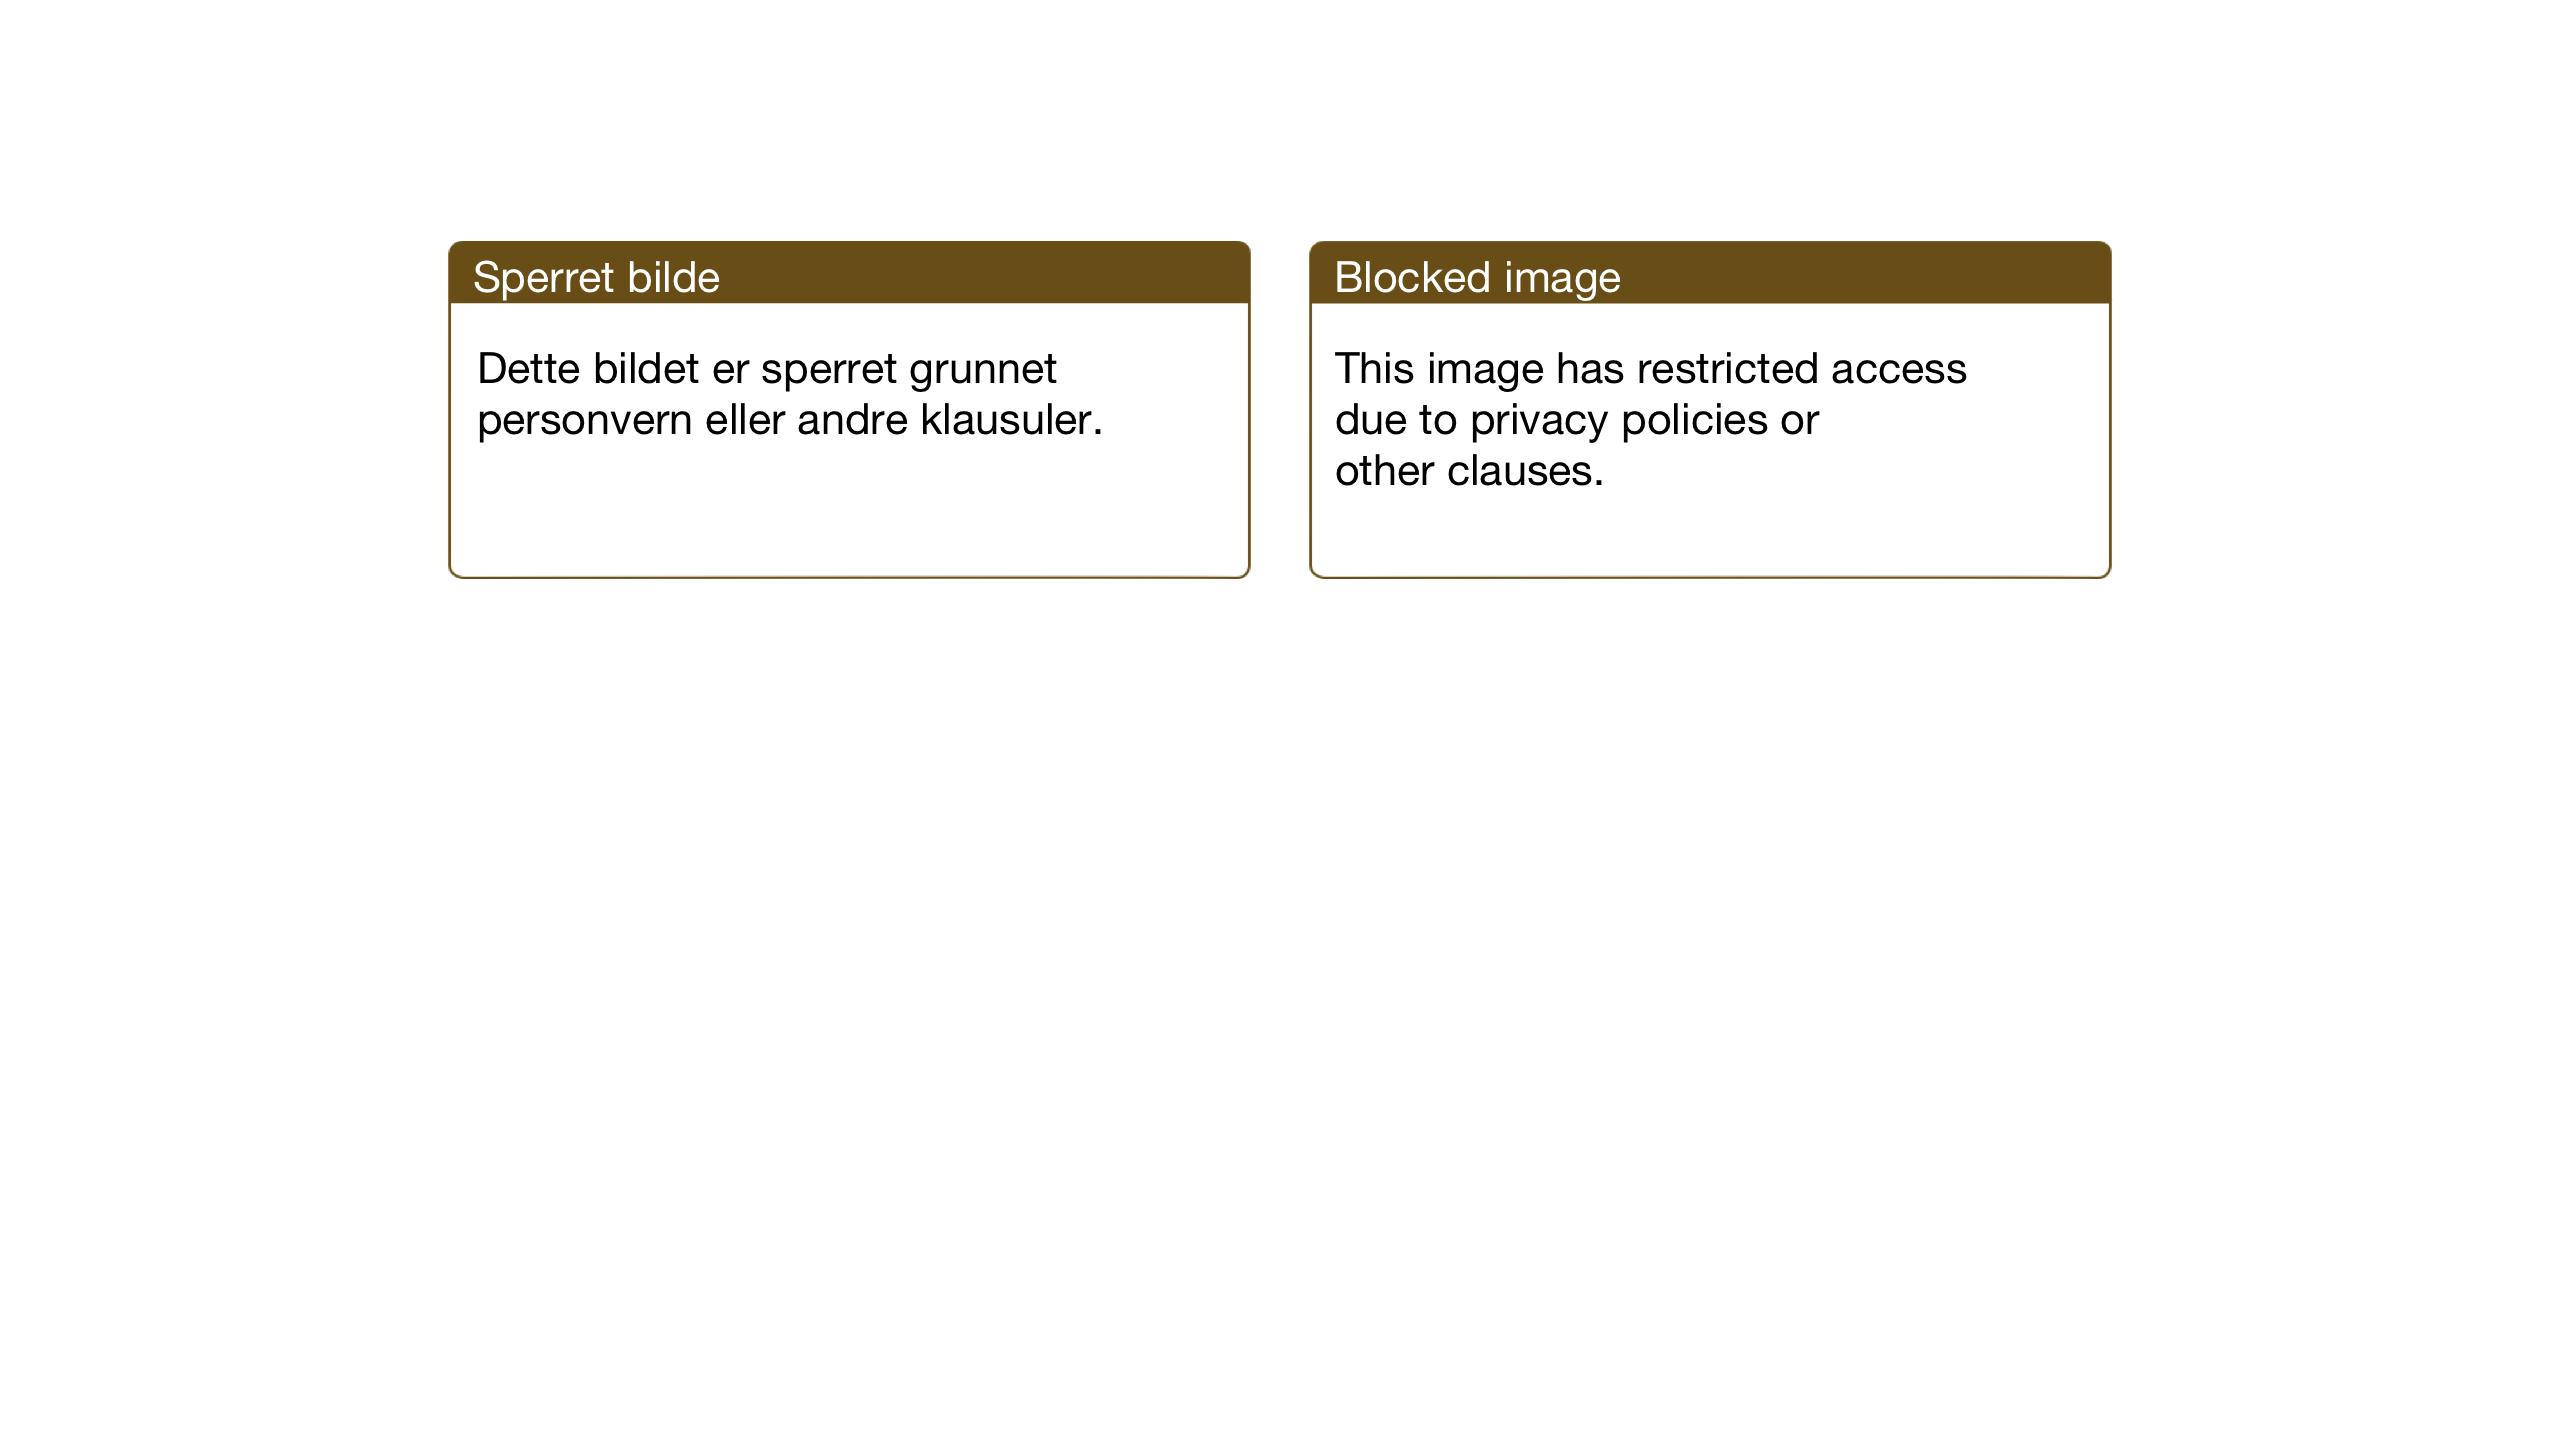 SAT, Ministerialprotokoller, klokkerbøker og fødselsregistre - Nord-Trøndelag, 755/L0500: Klokkerbok nr. 755C01, 1920-1962, s. 180